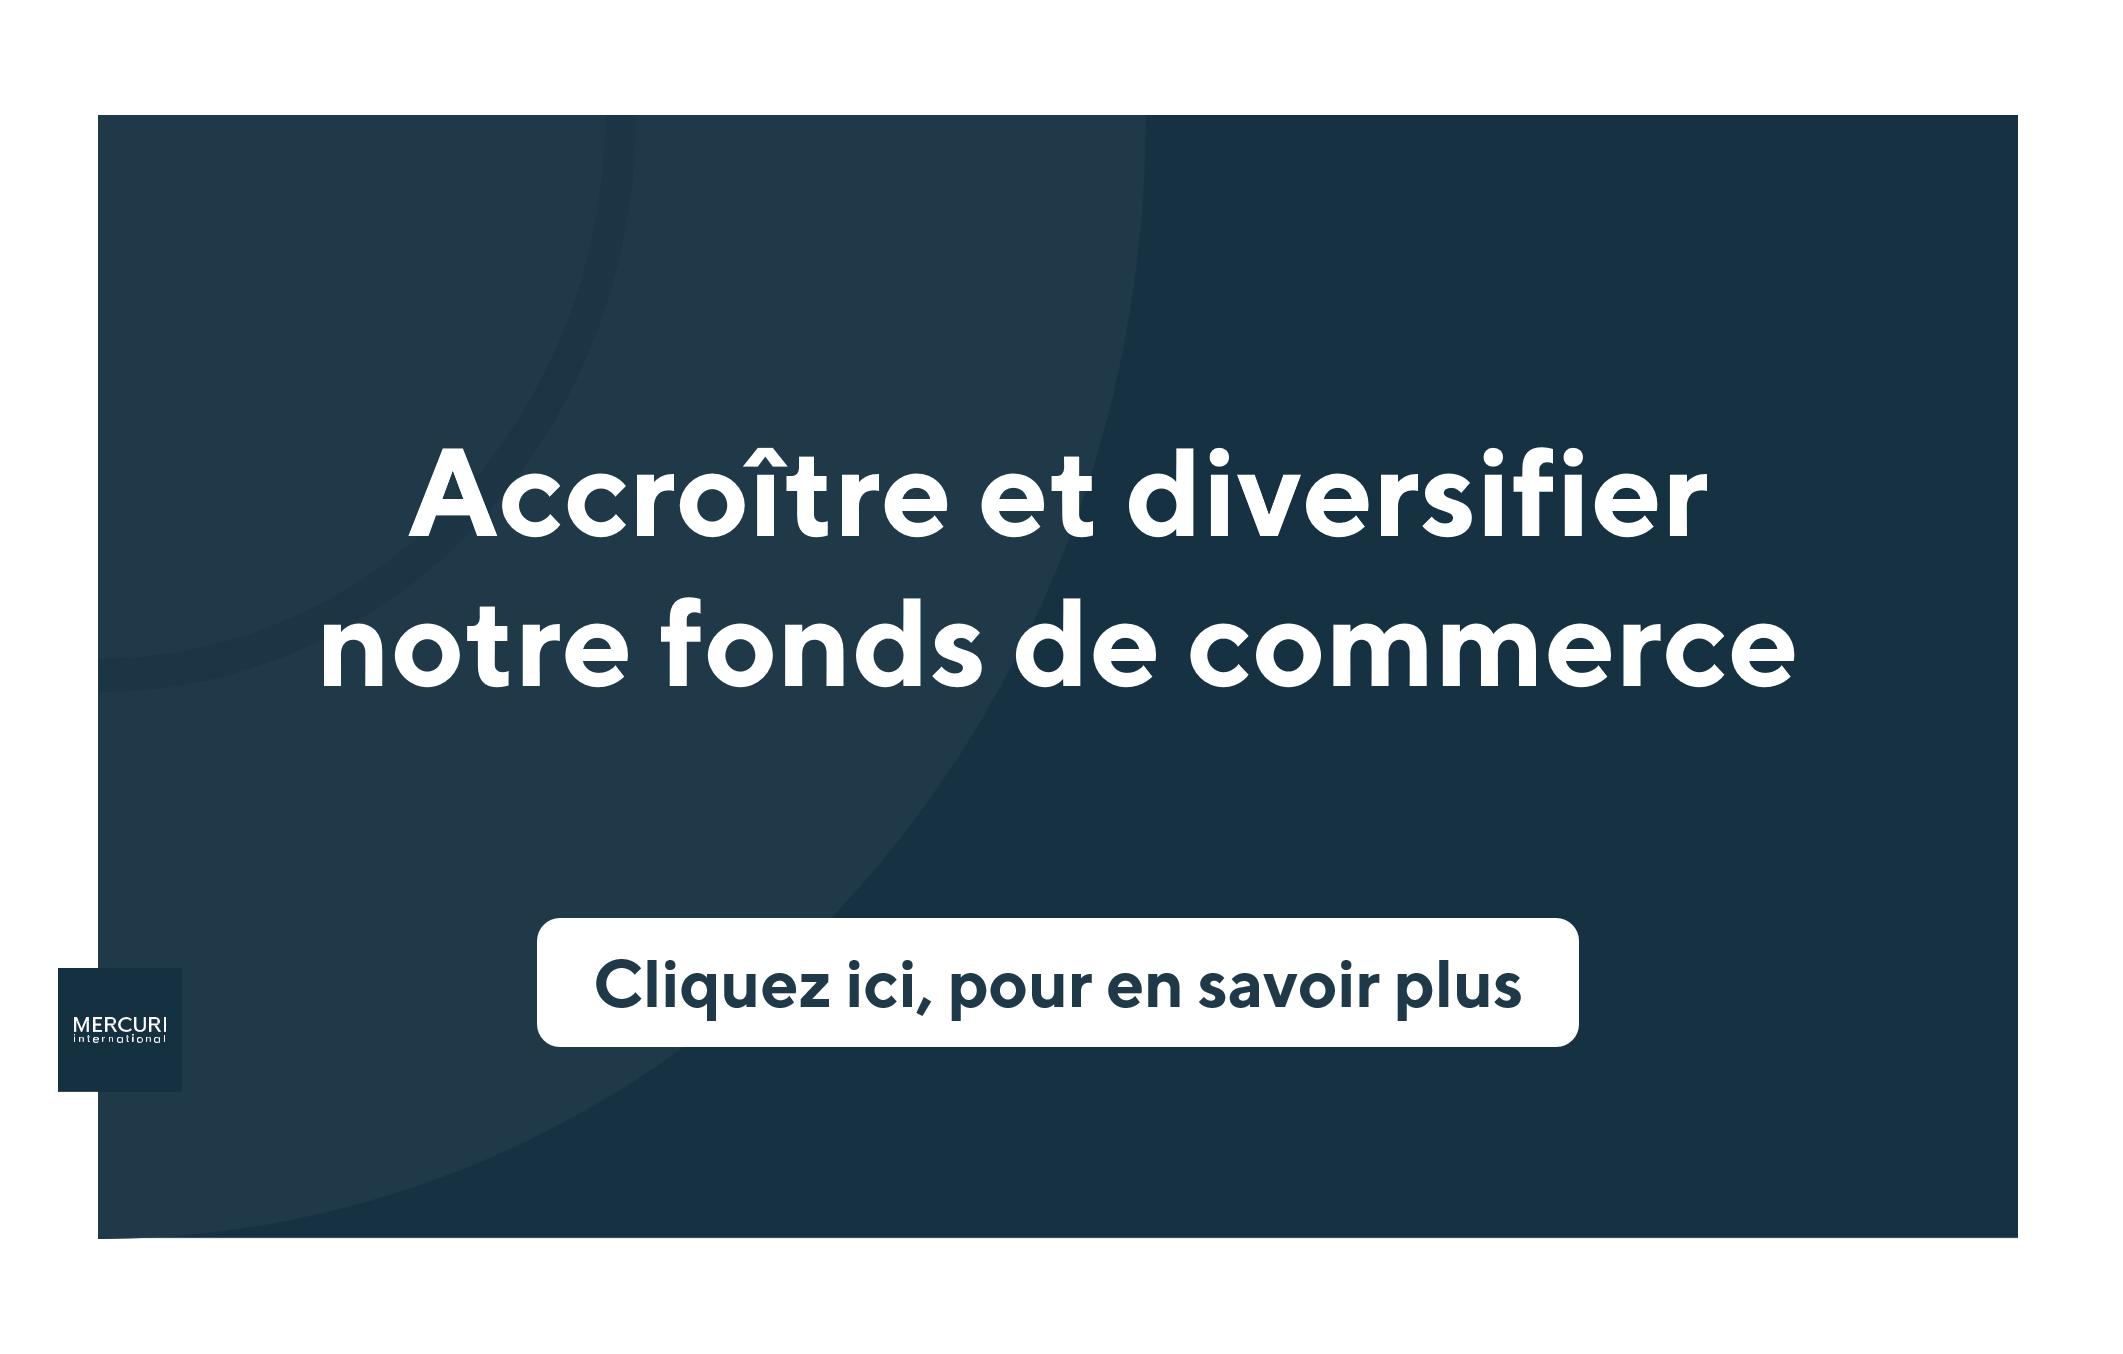 accroitre_et_diverisifer_notre_fonds_de_commerce_-_article_mercuri_international_-_mathieu_auffroy-3